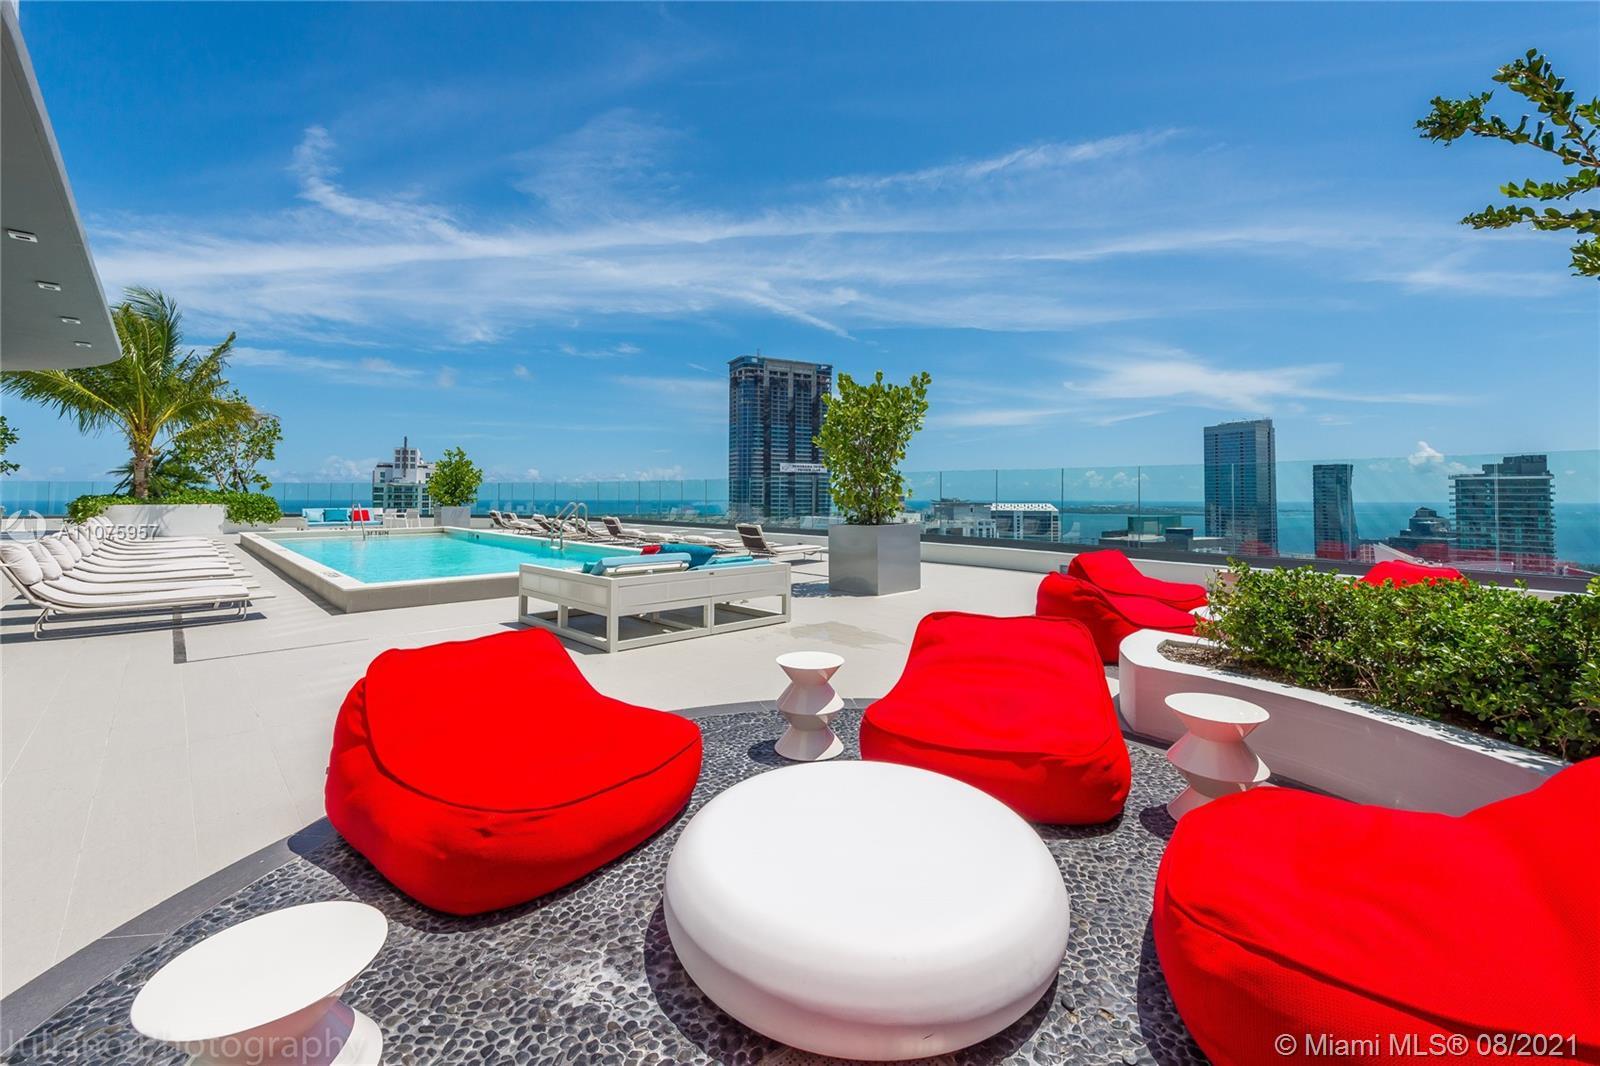 Roof Top Pool amenities